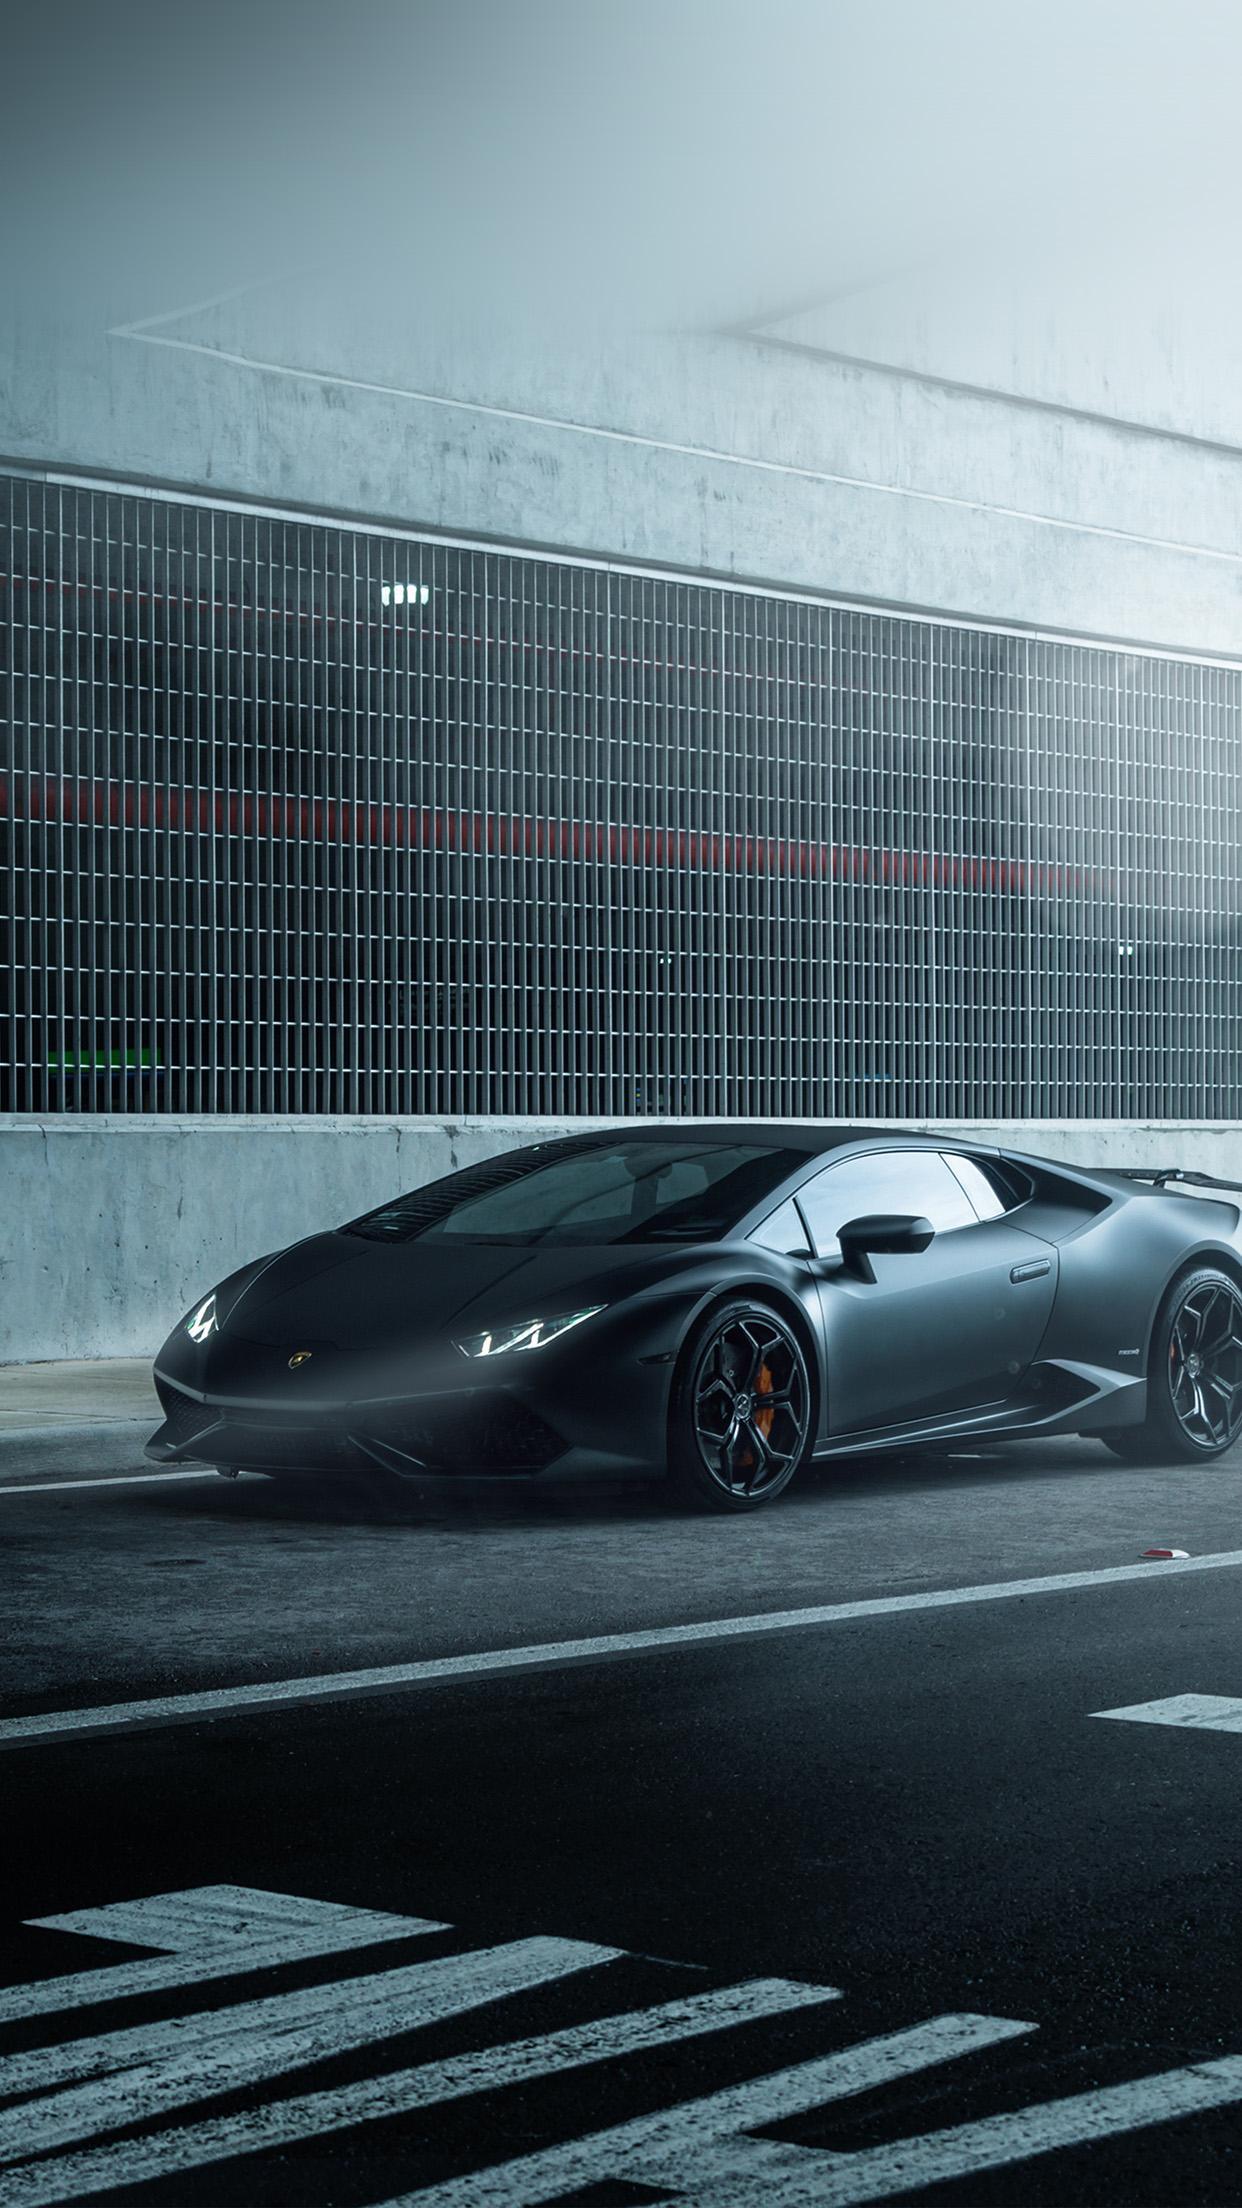 Lamborghini Huracan 4k Iphone Wallpapers Wallpaper Cave